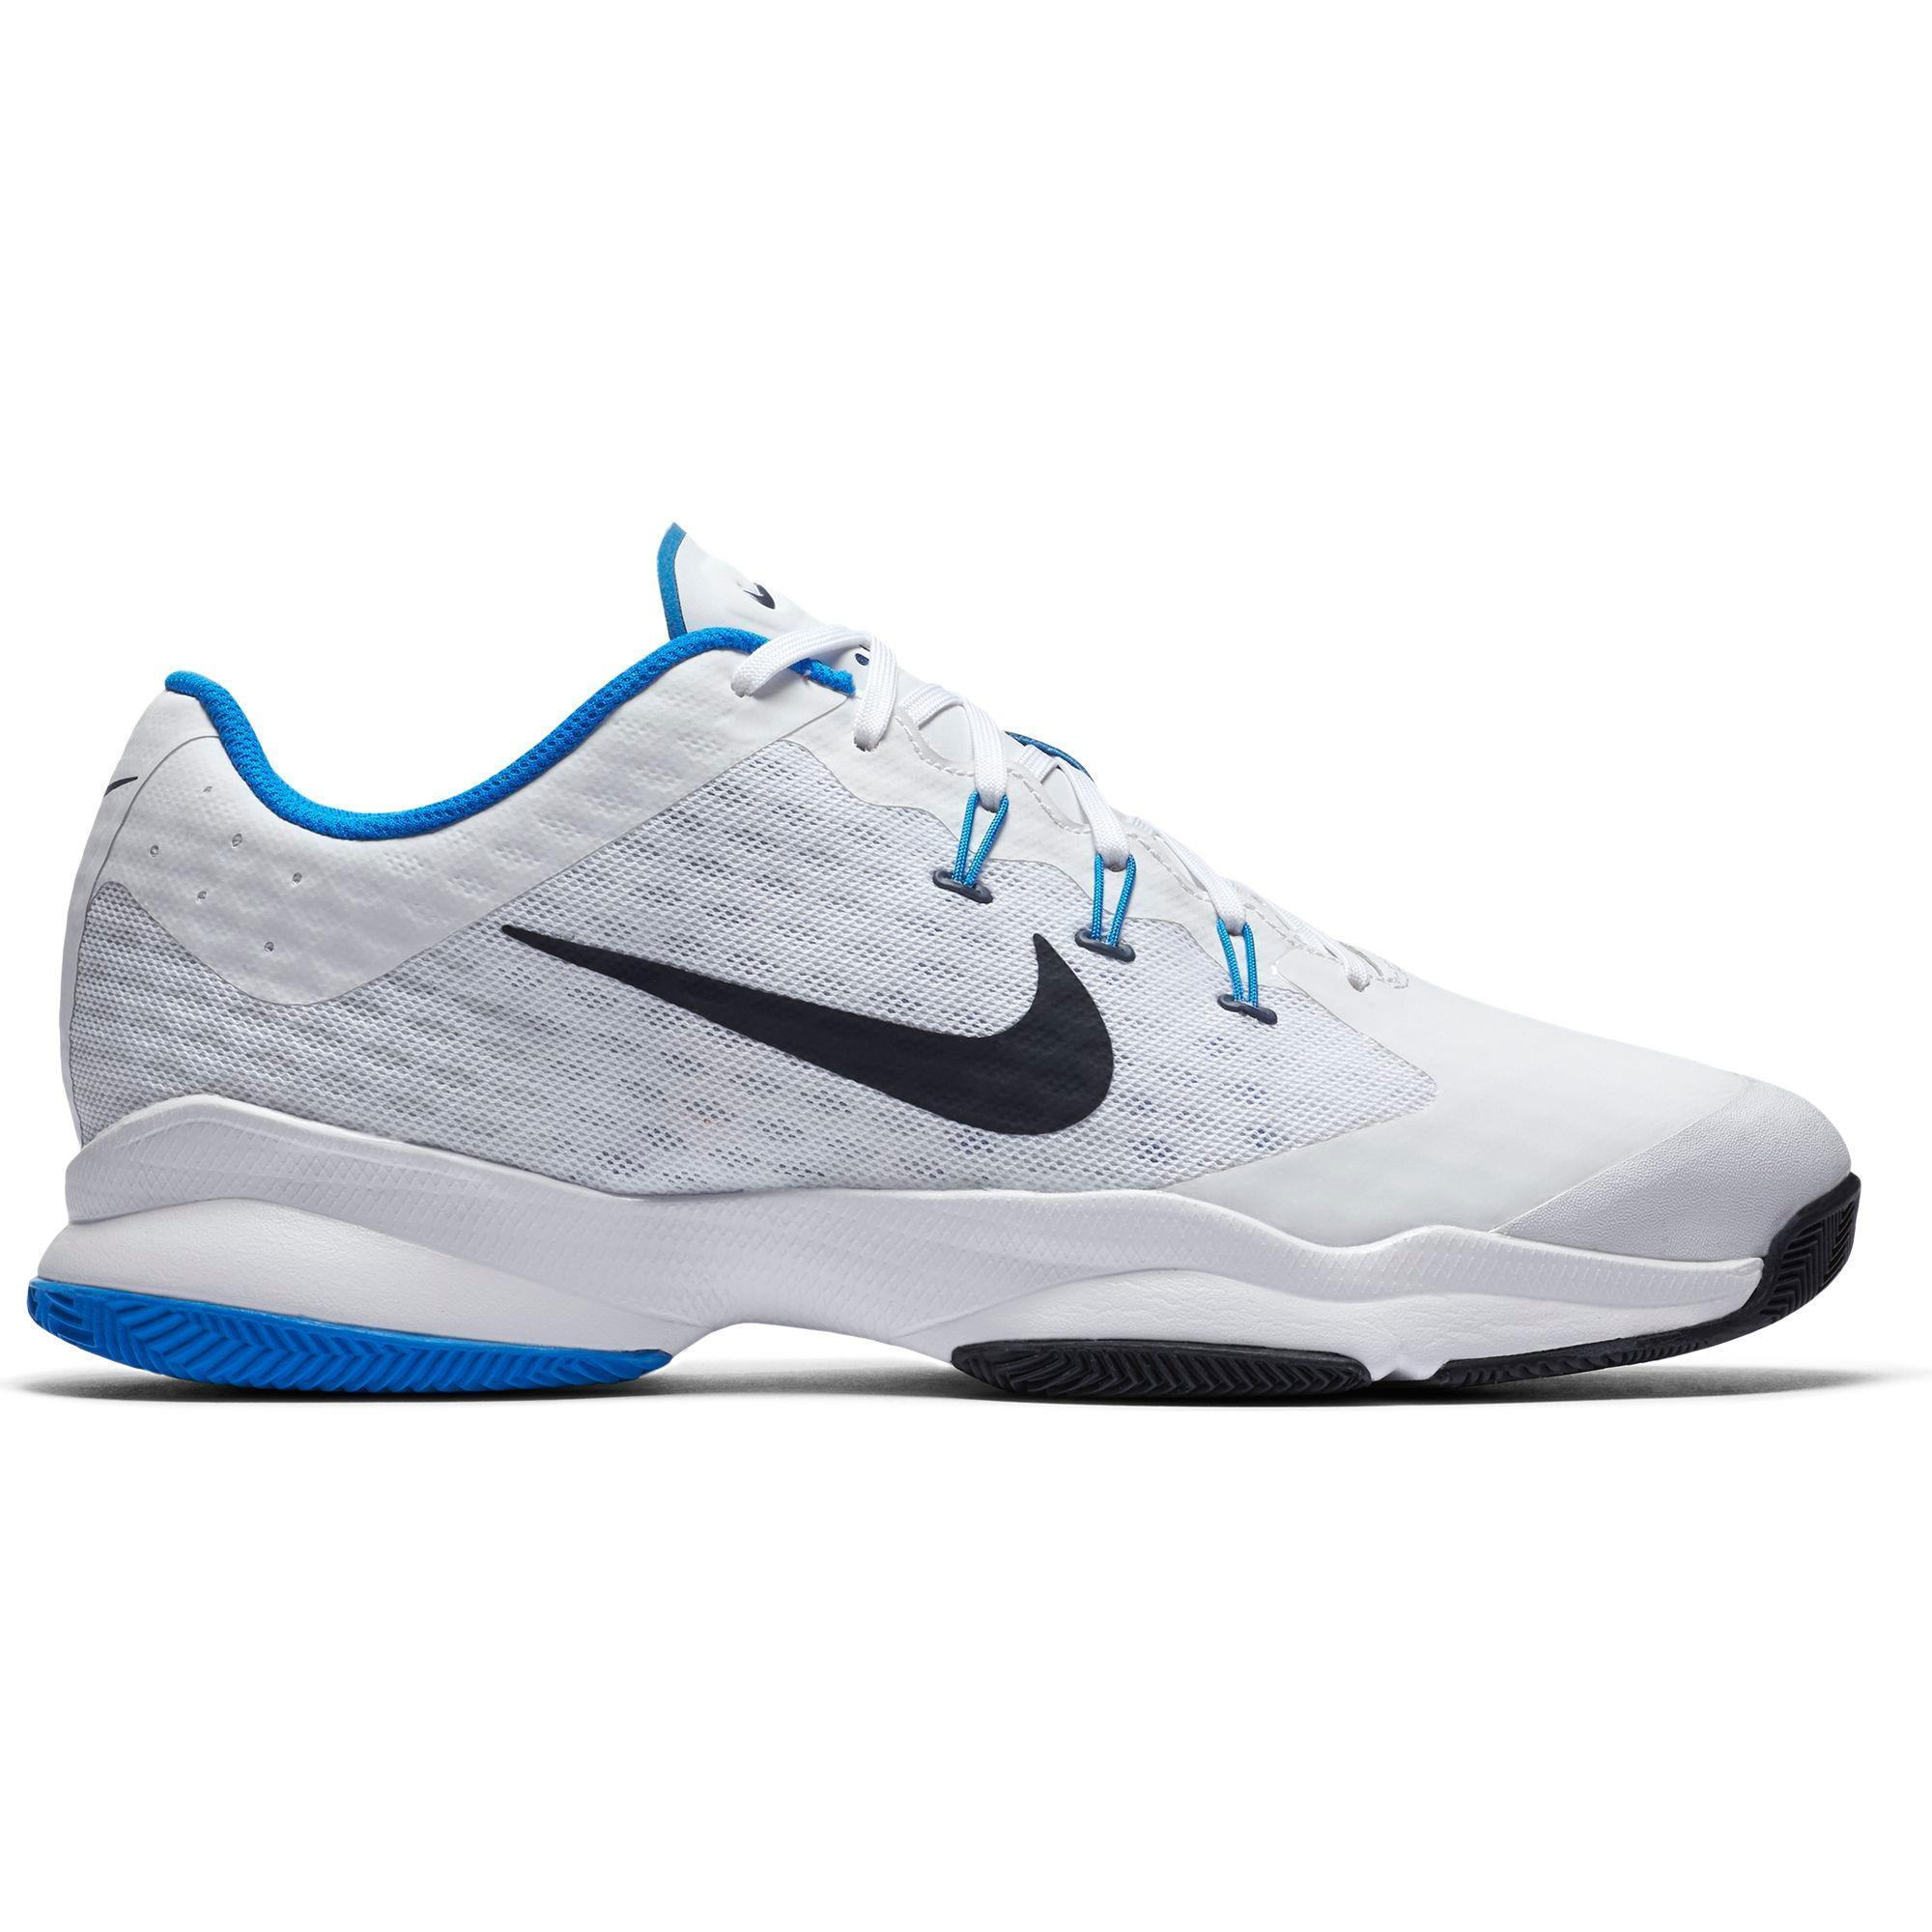 d2abb6344b0c Nike Mens Air Zoom Ultra Tennis Shoes - White Blue - Tennisnuts.com